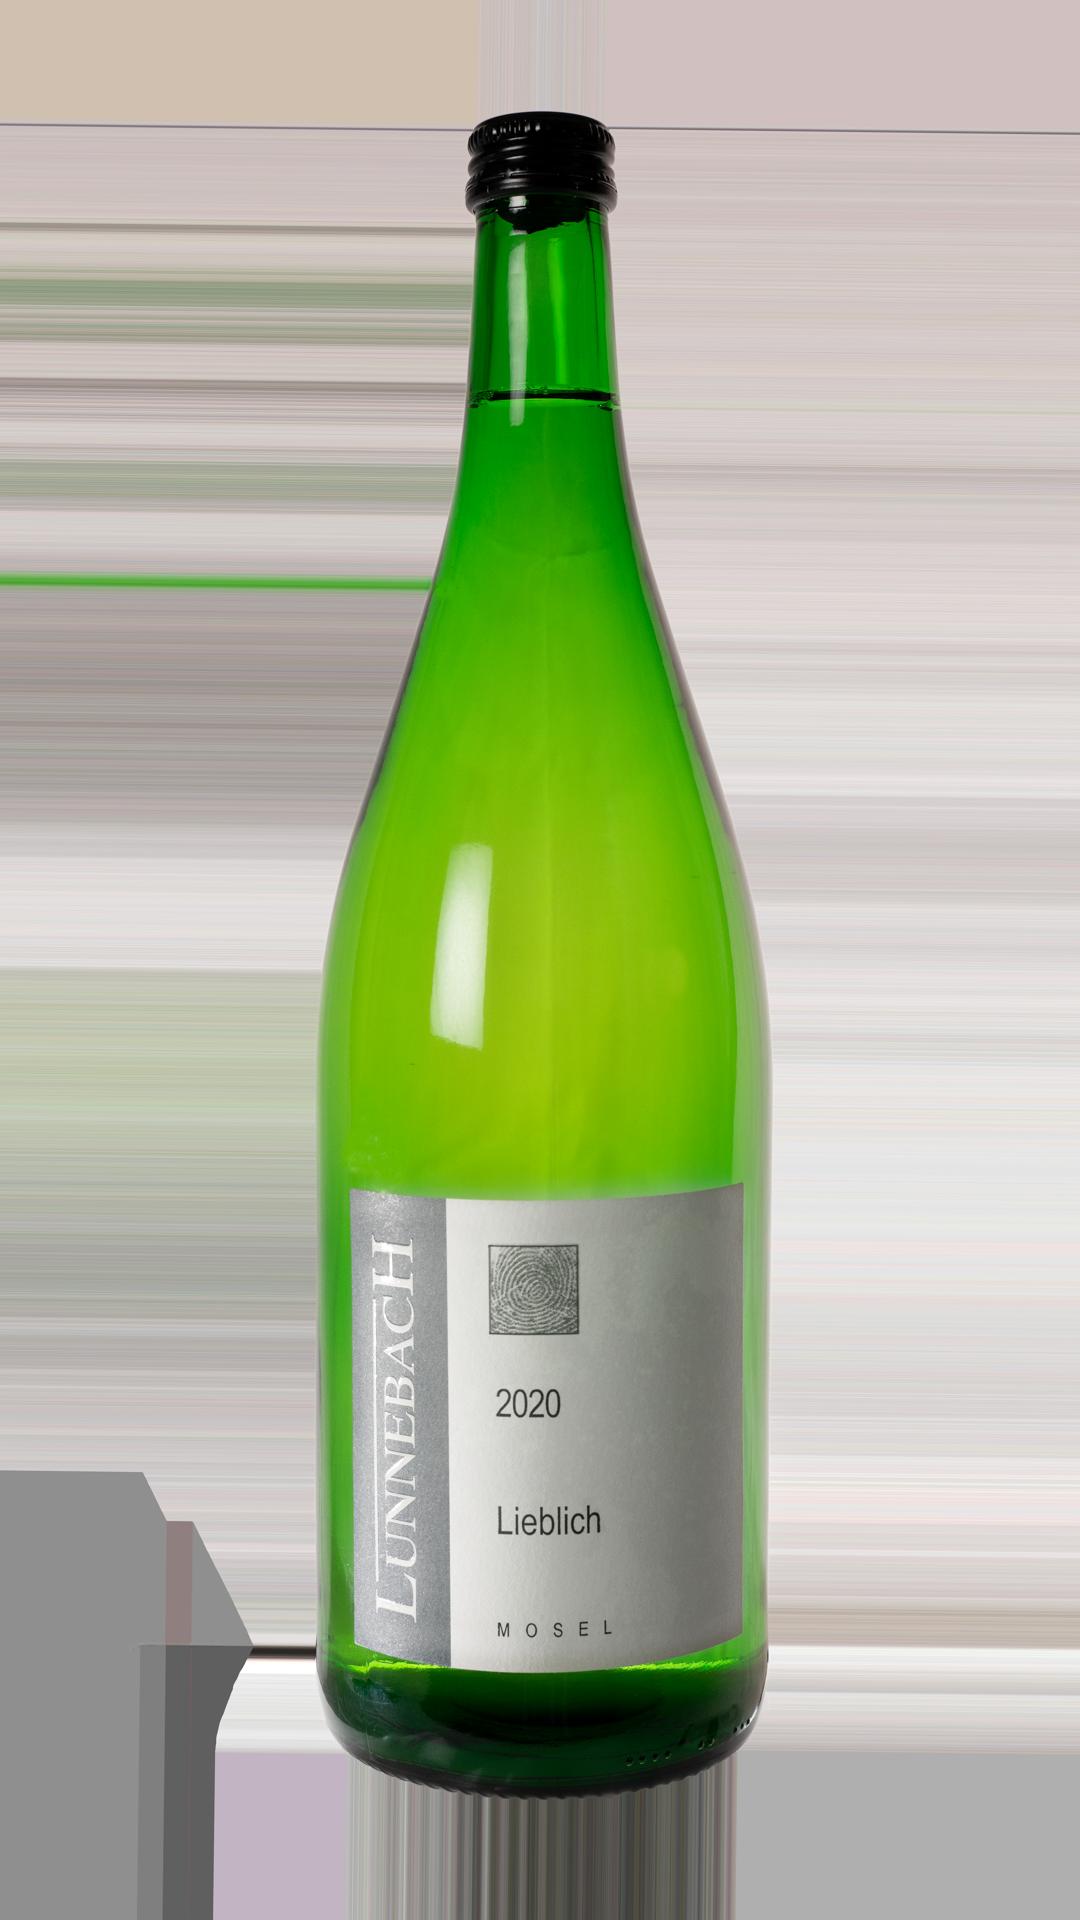 2020 Qualitätswein lieblich